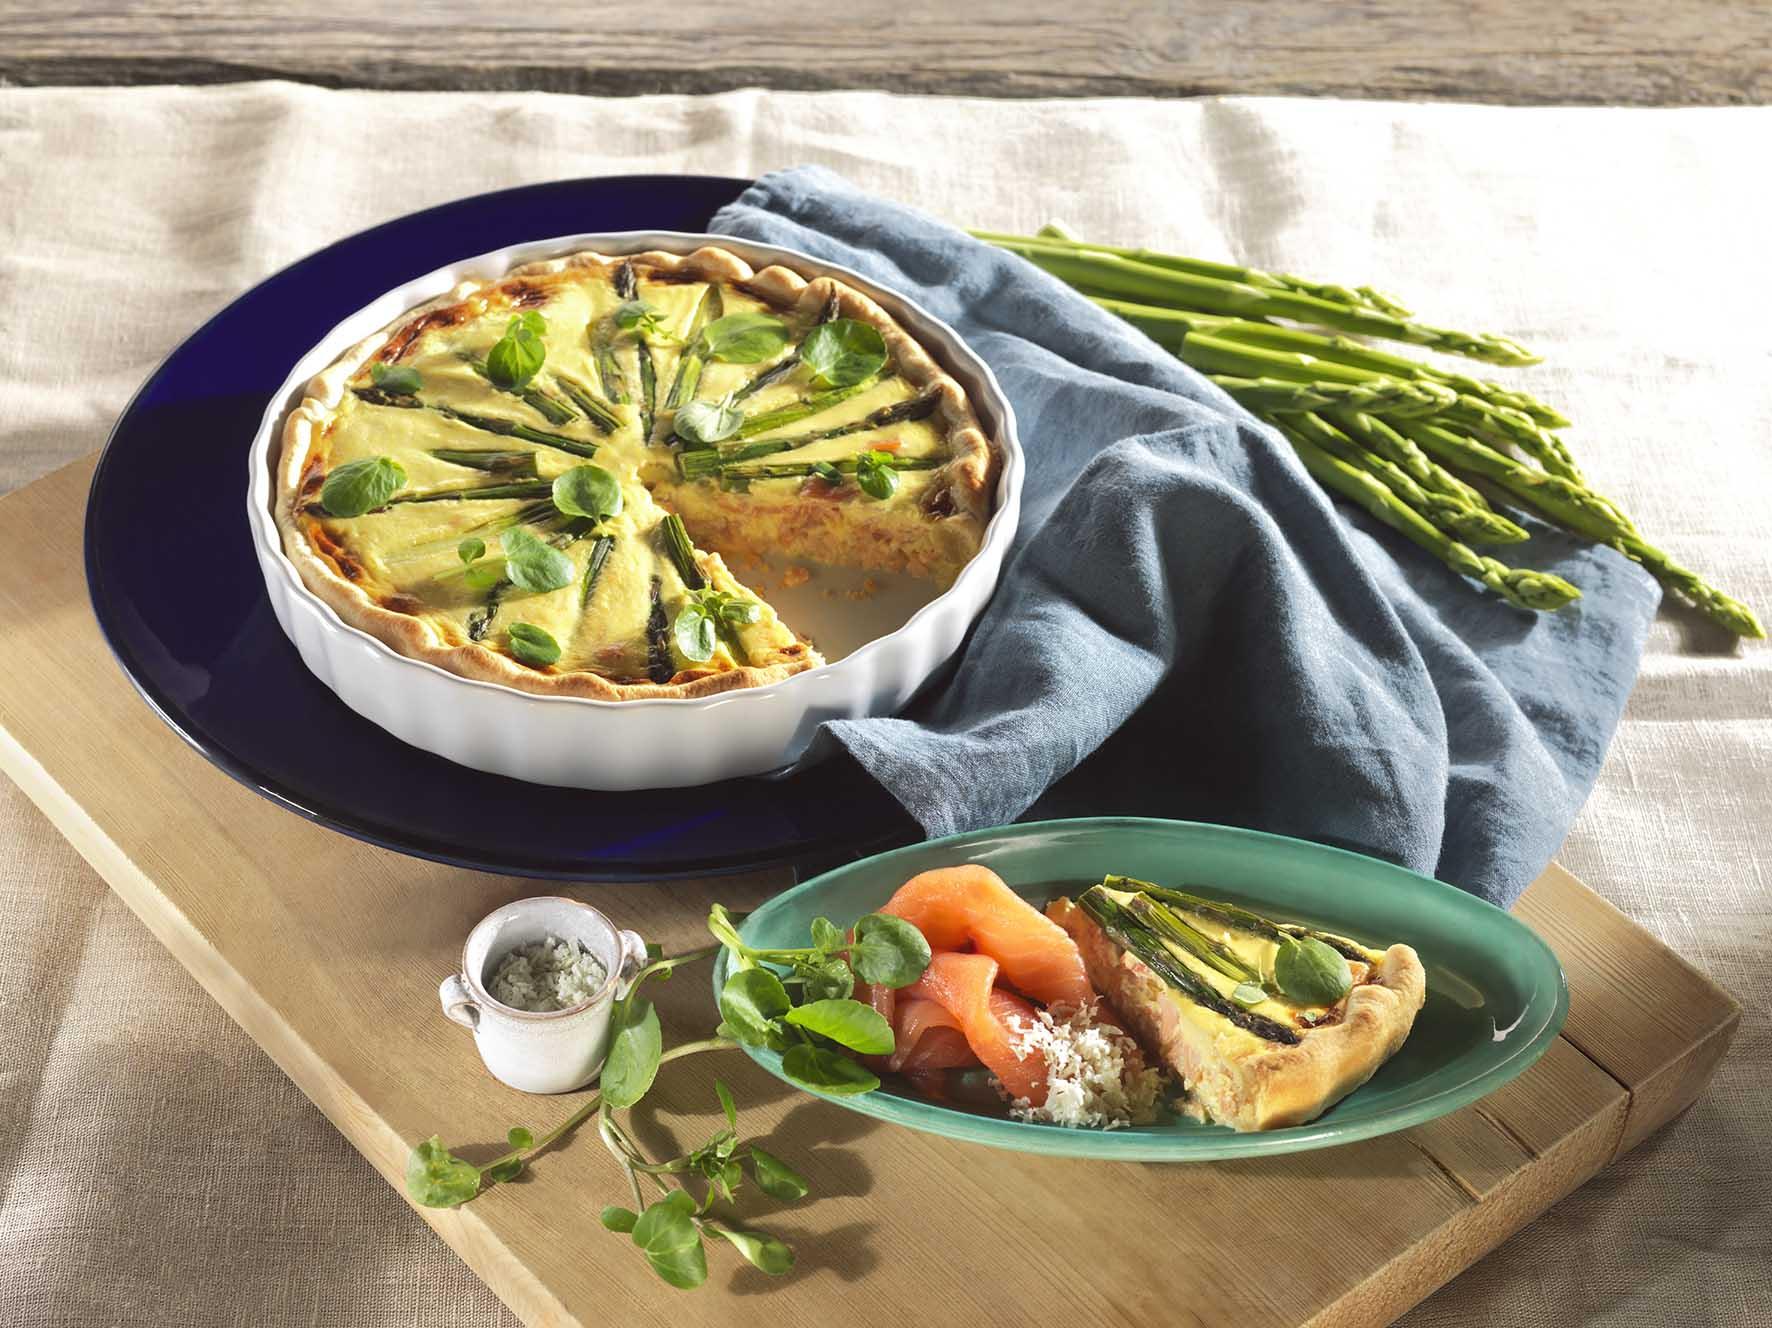 Recept: Quiche met asperges en zalm - Tante Fanny